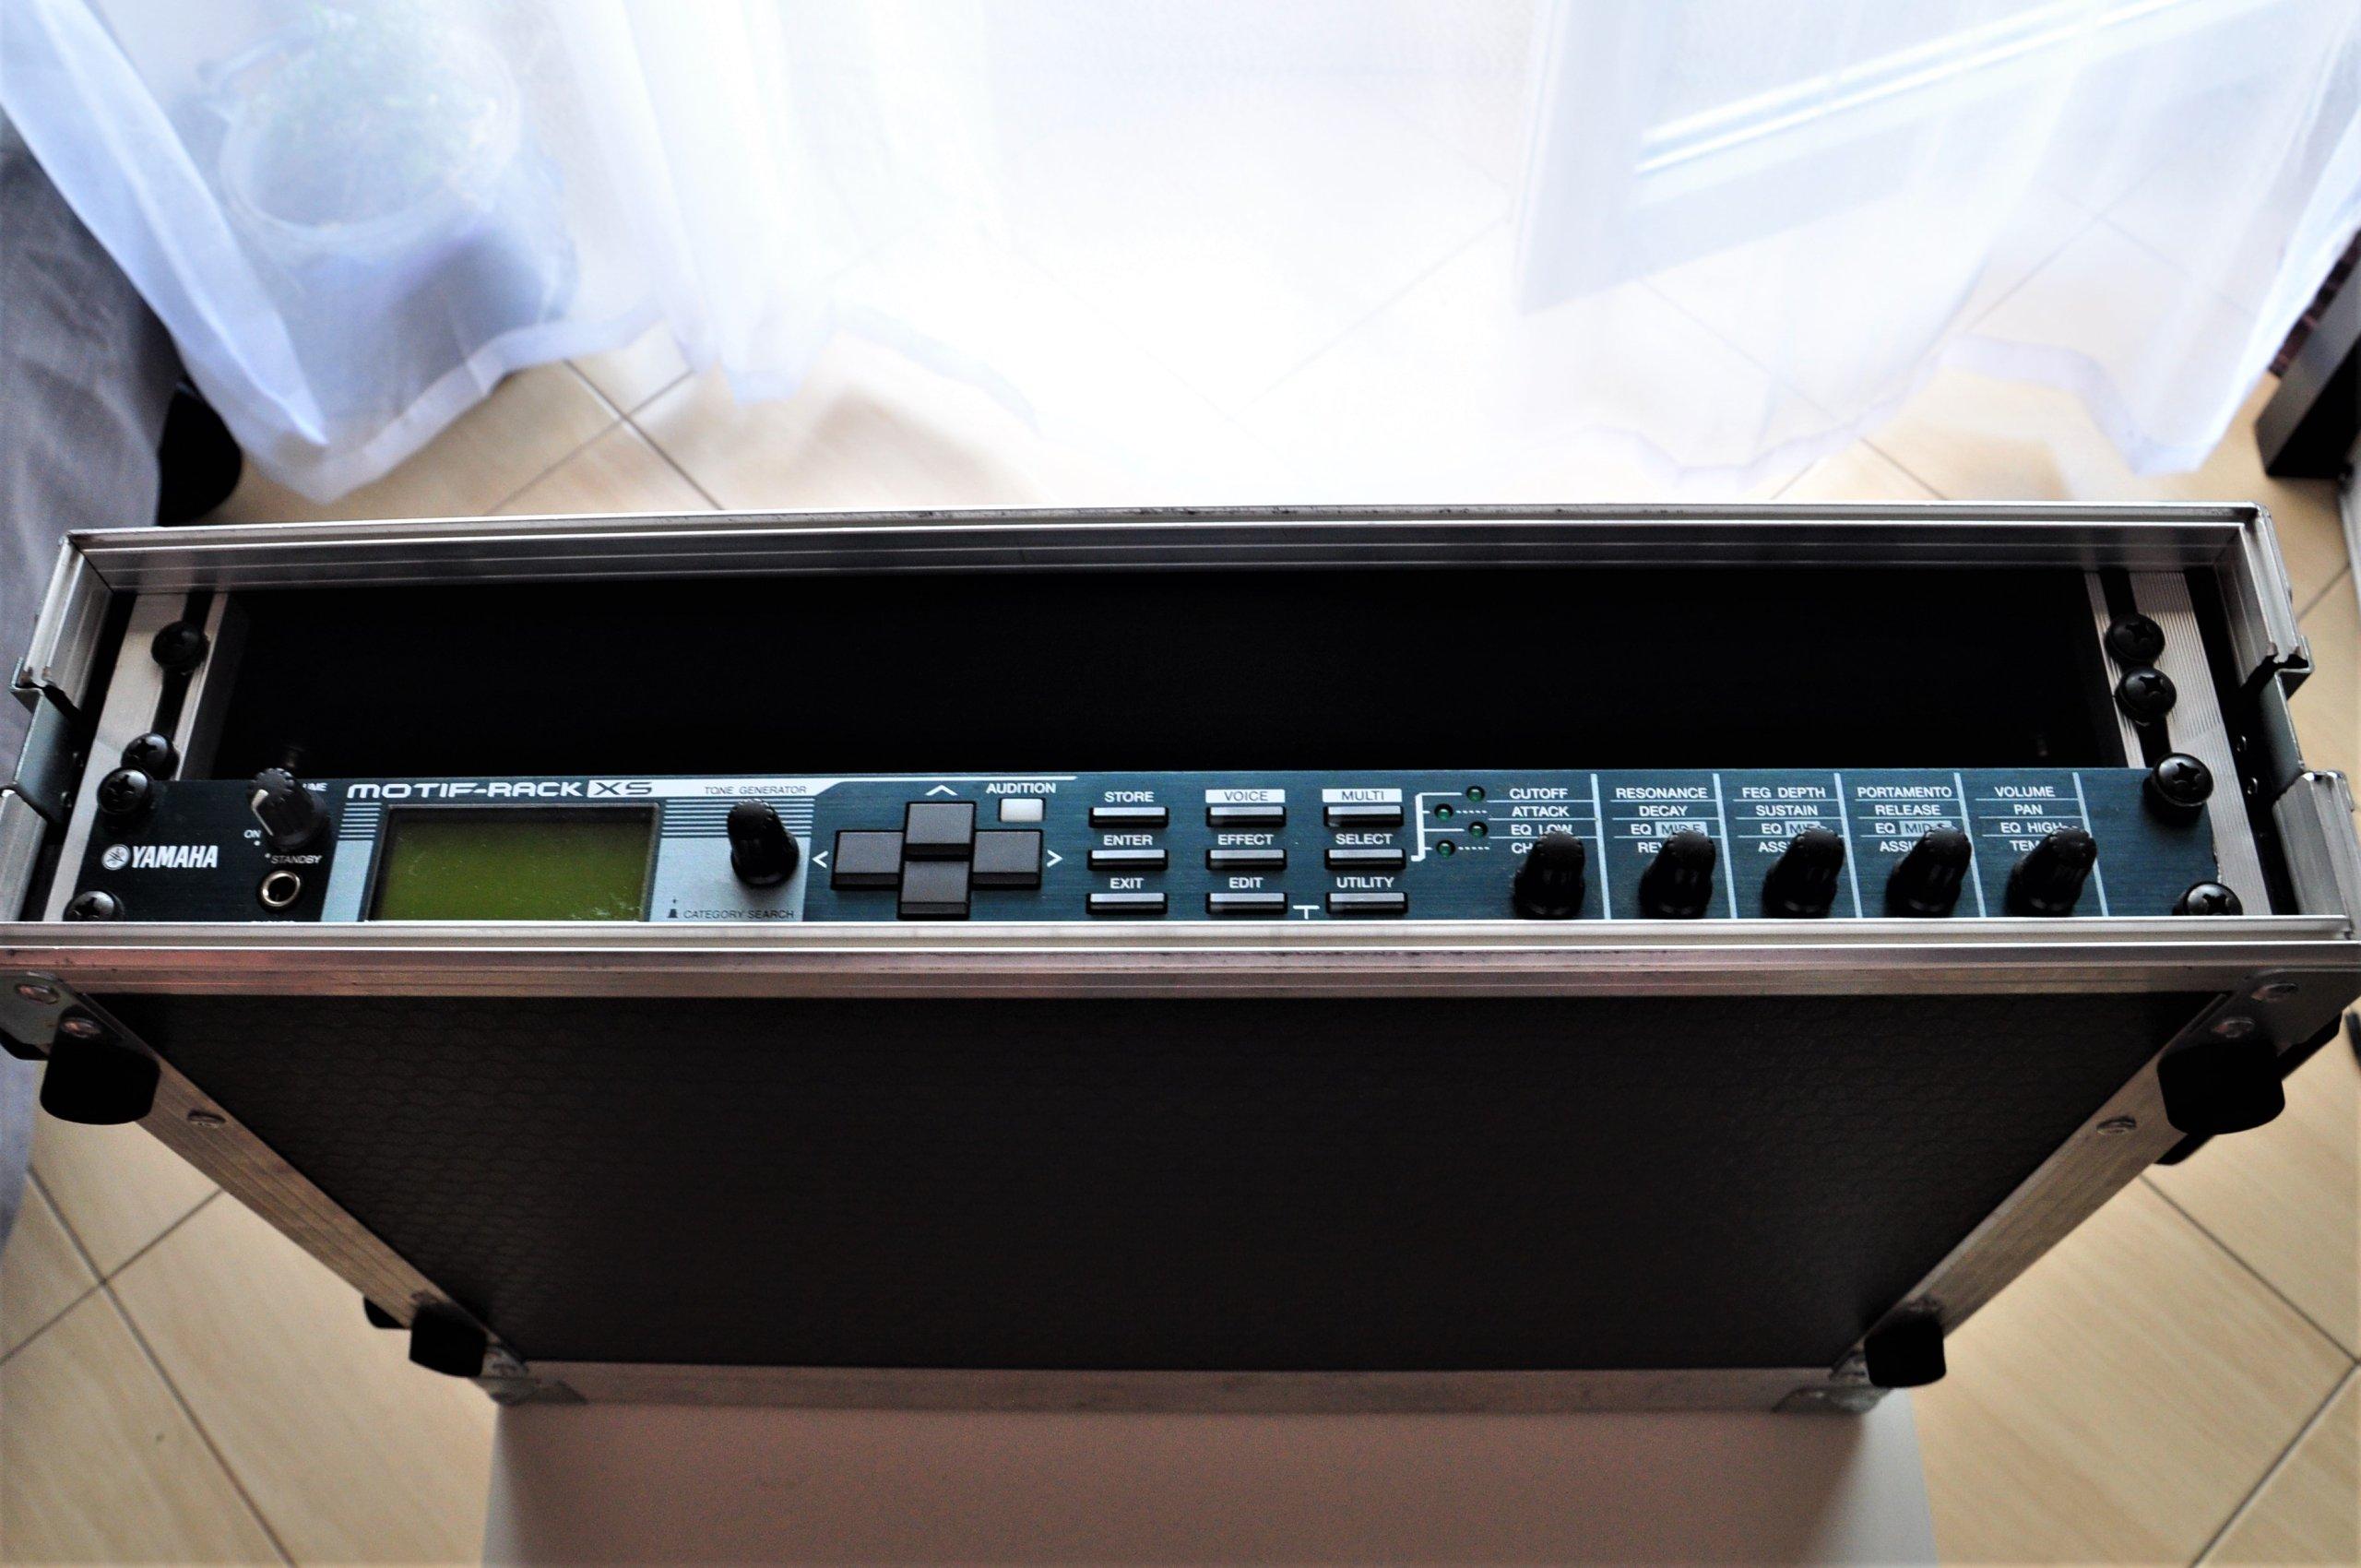 YAMAHA MOTIF-RACK XS moduł brzmieniowy - 7399177701 - oficjalne